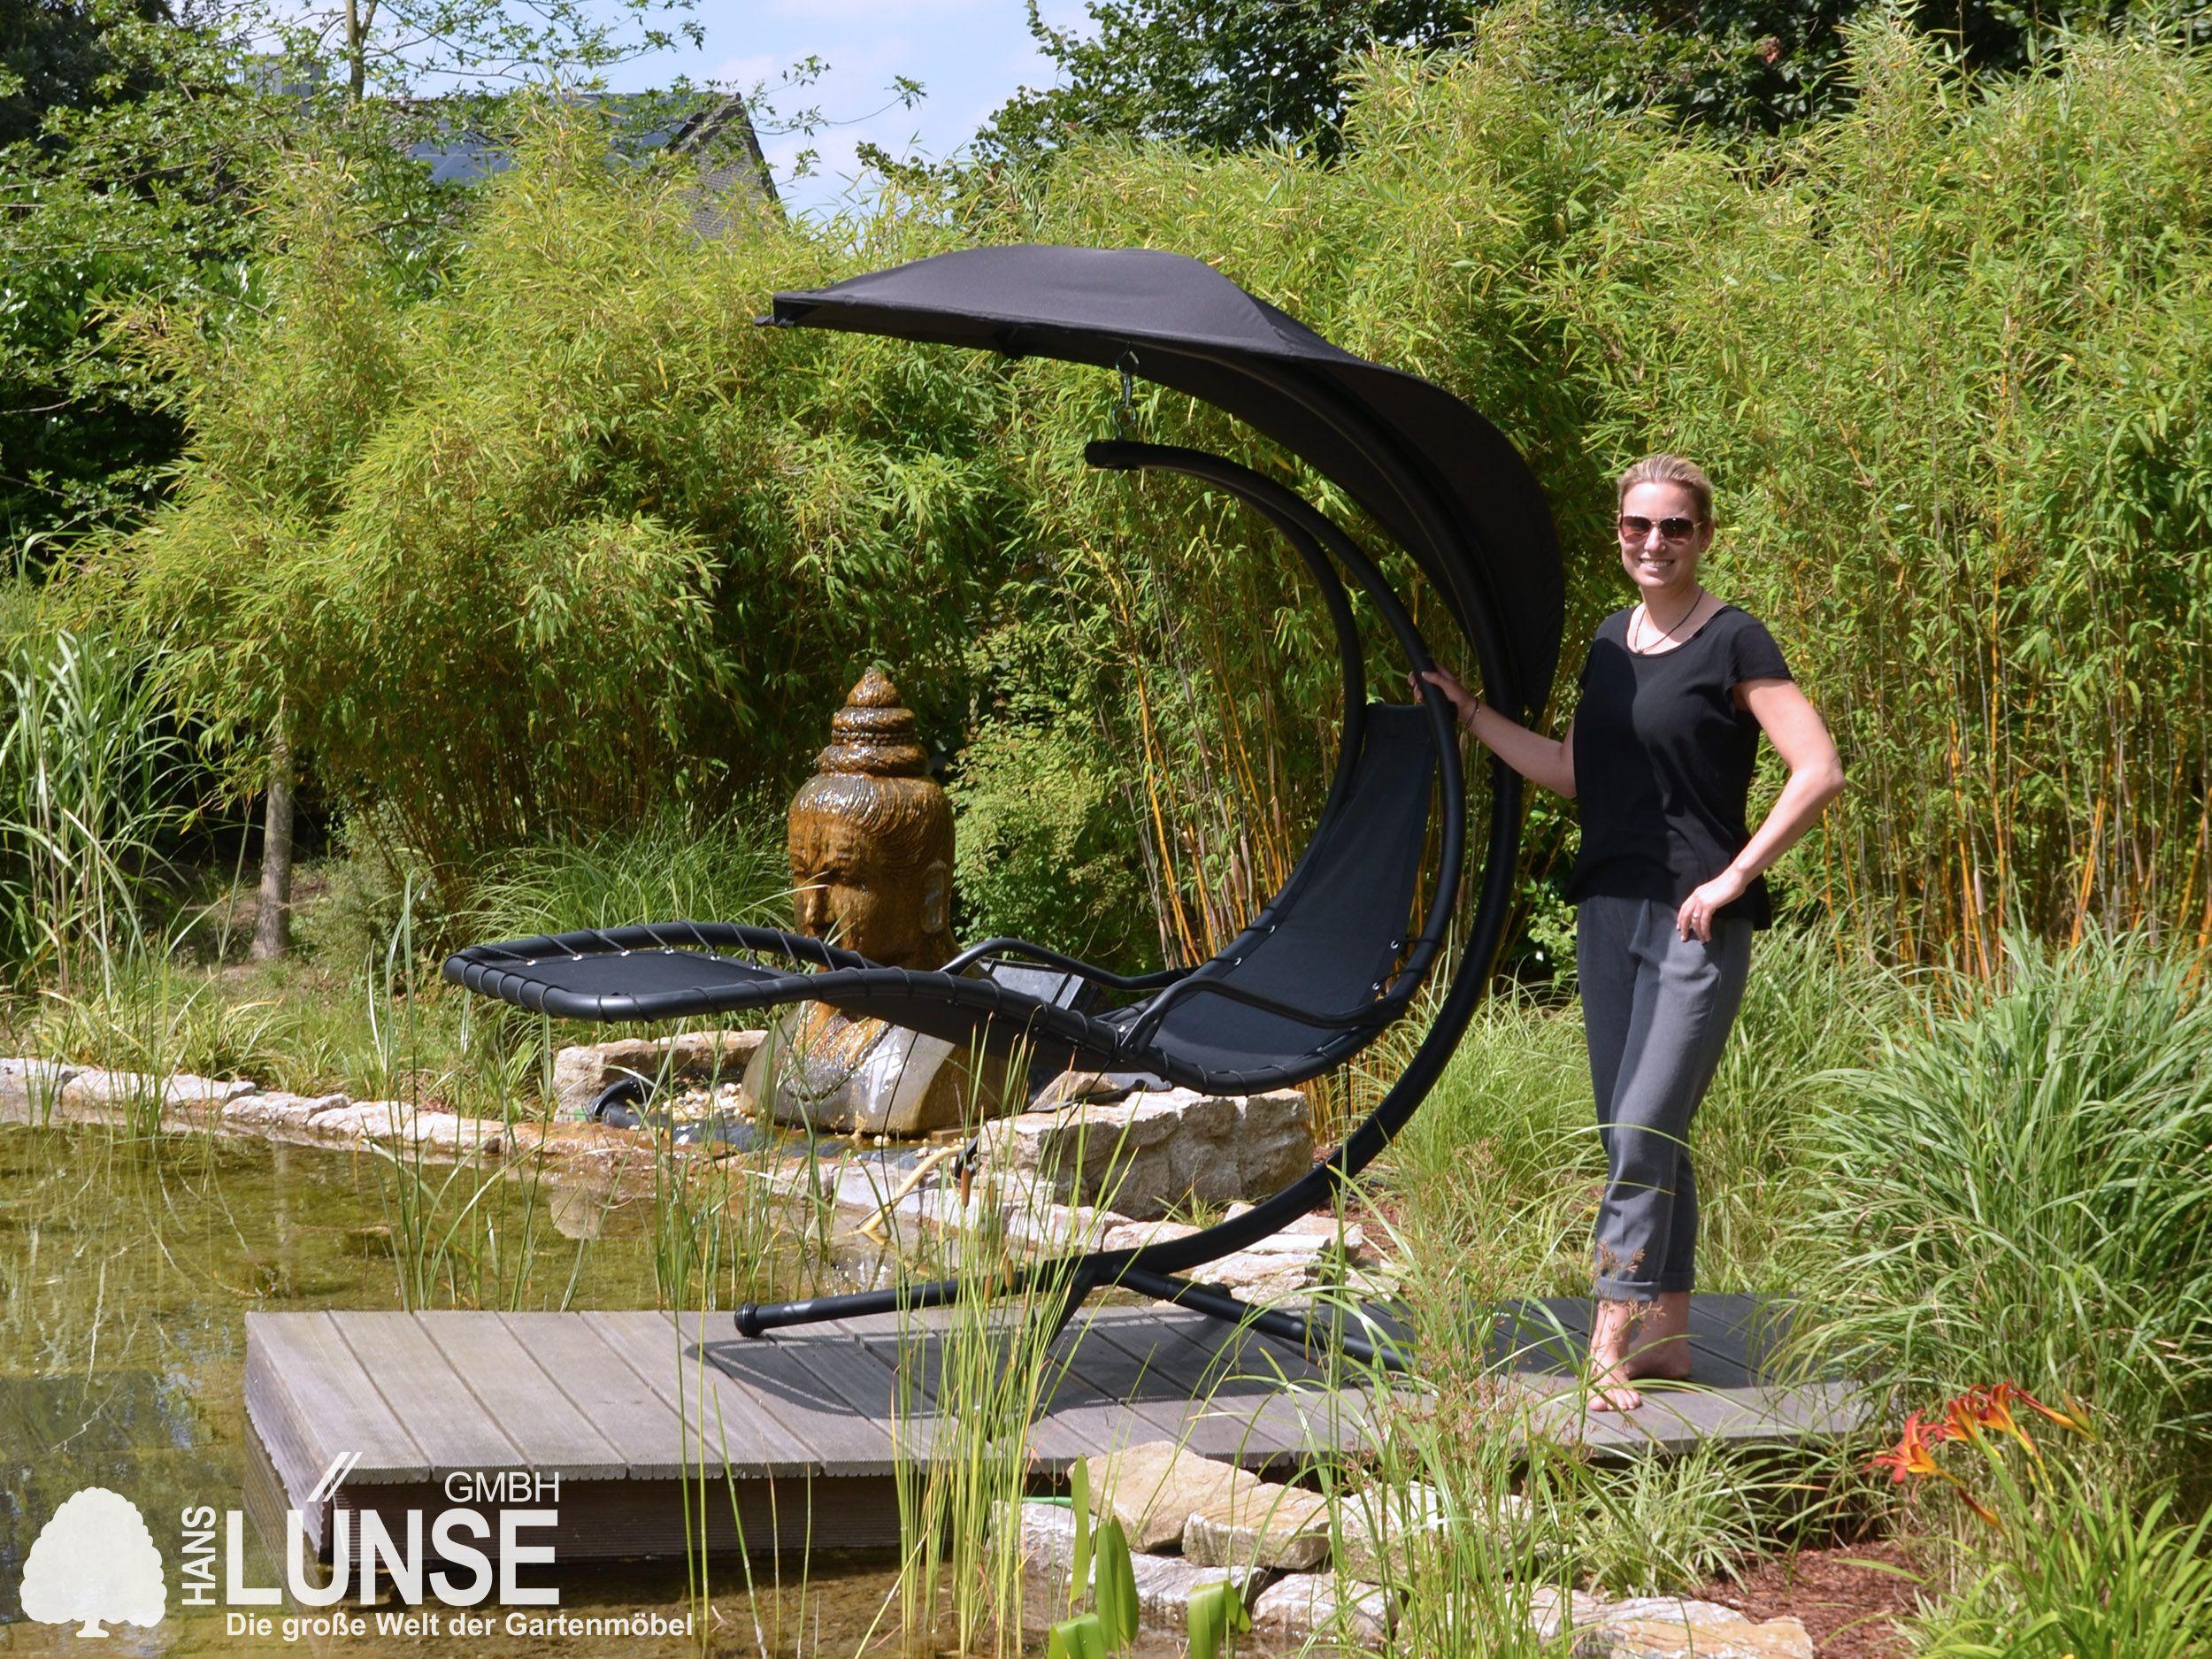 Einfach Die Augen Schliessen Abschalten Und Entspannen Die Gartenliege Dubai Ist Ein Hybrid Aus Hangematte Und Relaxliege Di Relaxliege Relaxen Gartenliege